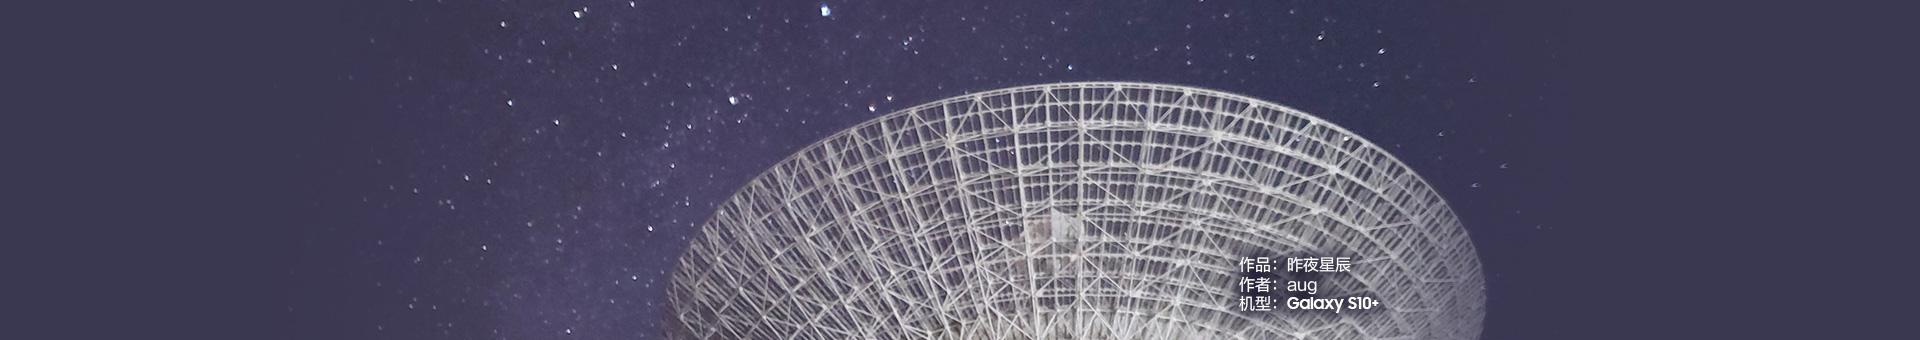 盖乐世S10+ 昨夜星辰